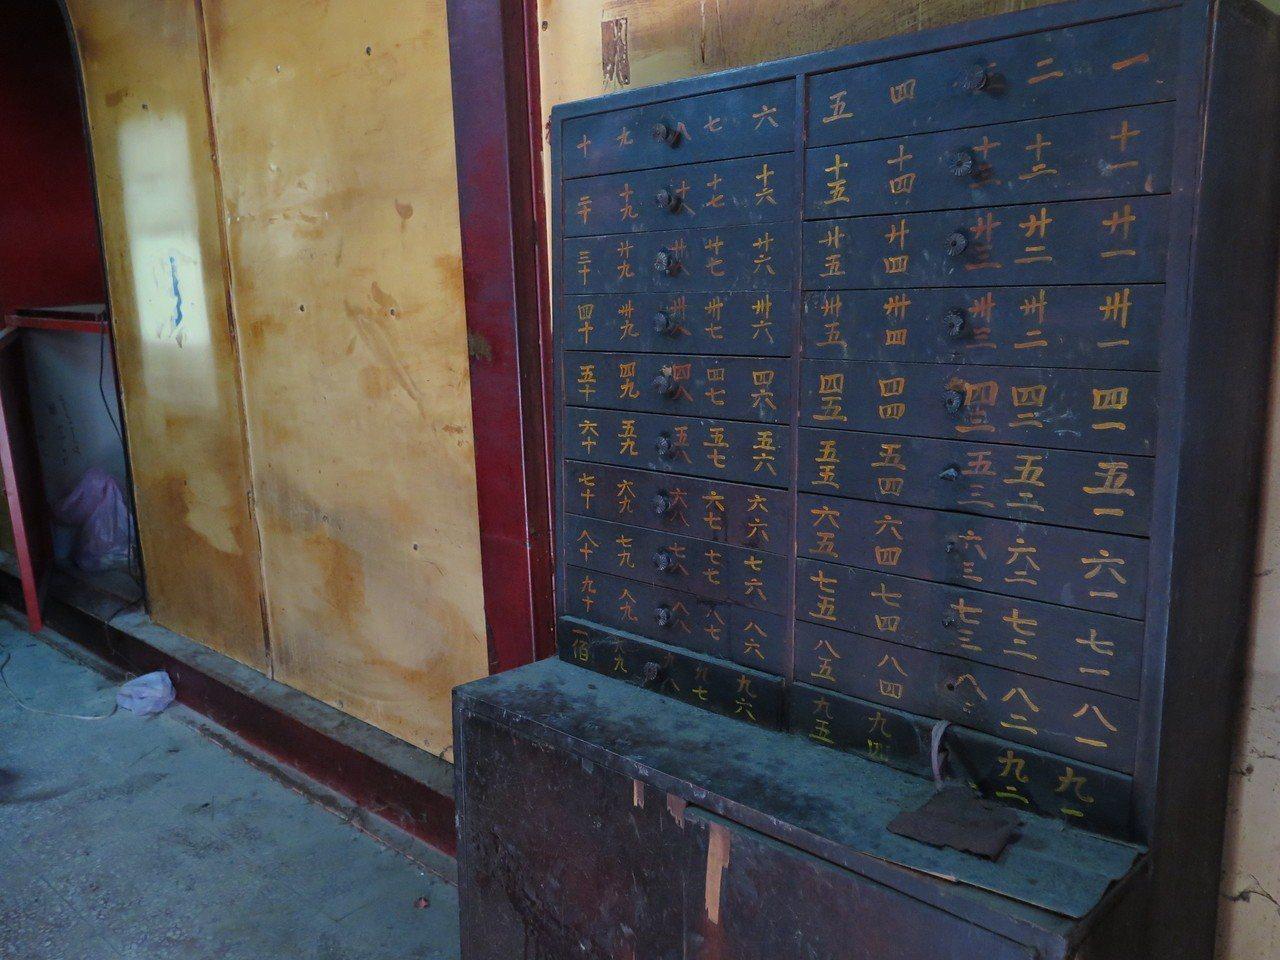 桃園西廟還留有傳統籤詩桶,廟方表示會保留。記者張裕珍/攝影